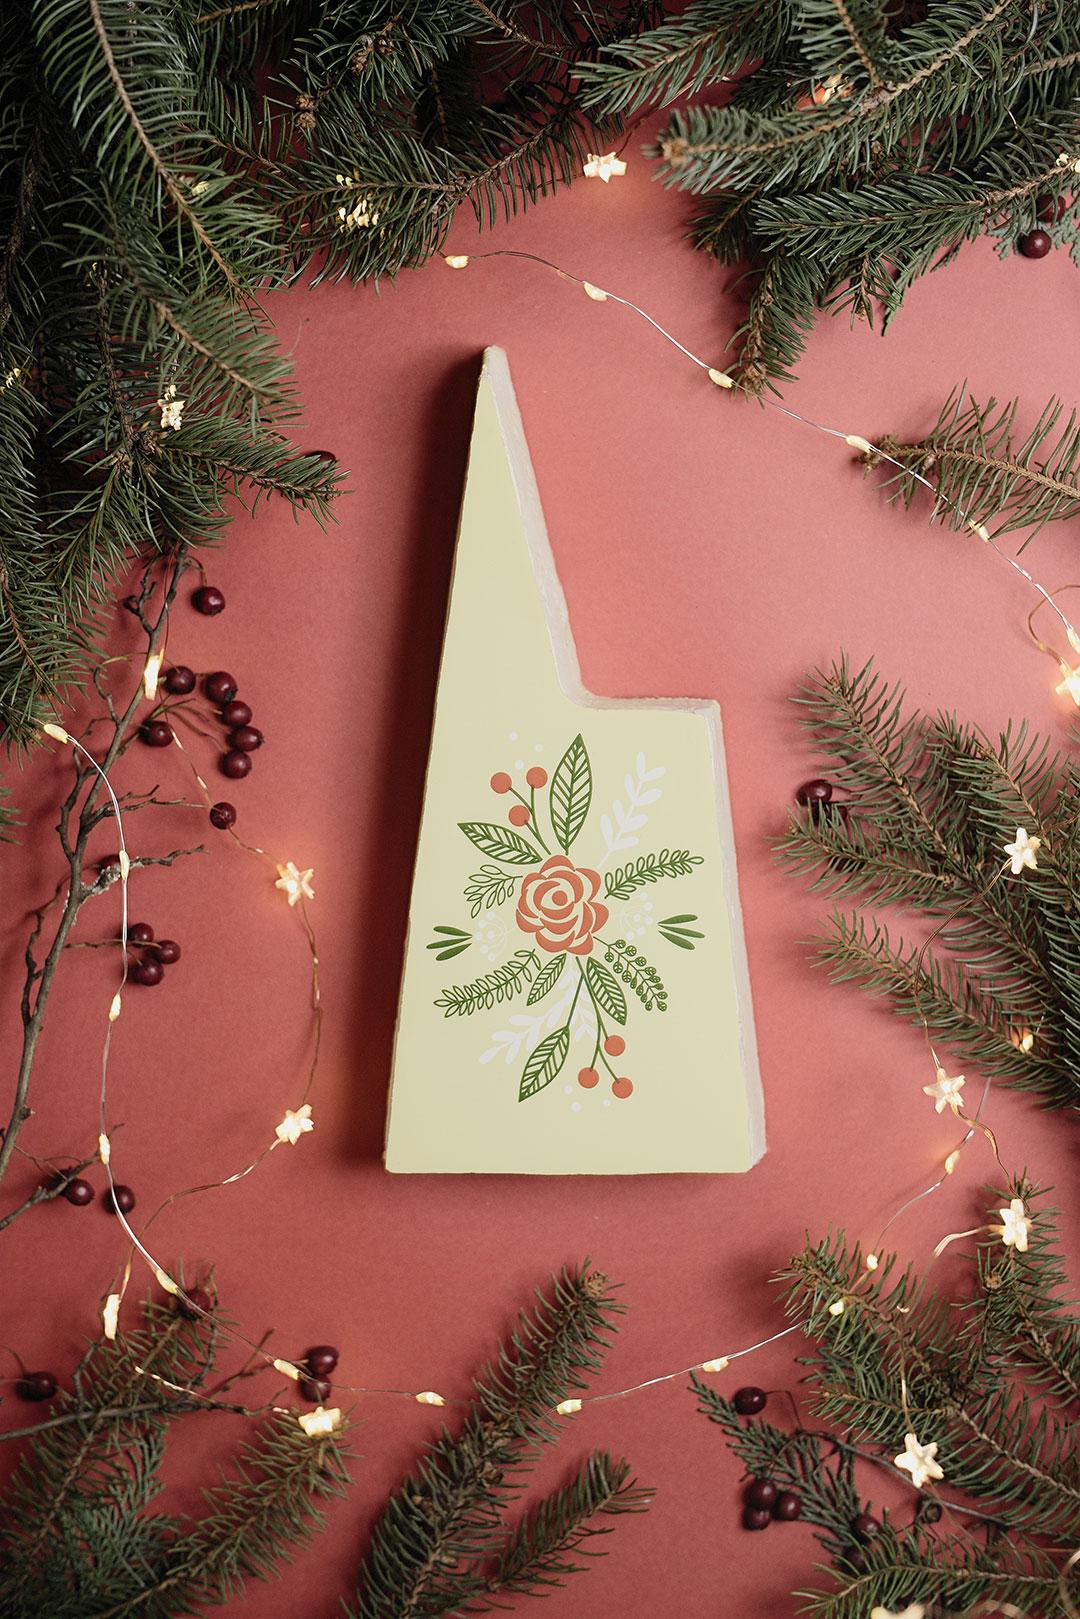 La bûche de Noël sans lactose de GatÔ à Strasbourg, imaginée avec Amandine Giraudo (Atelier Maison Magique).